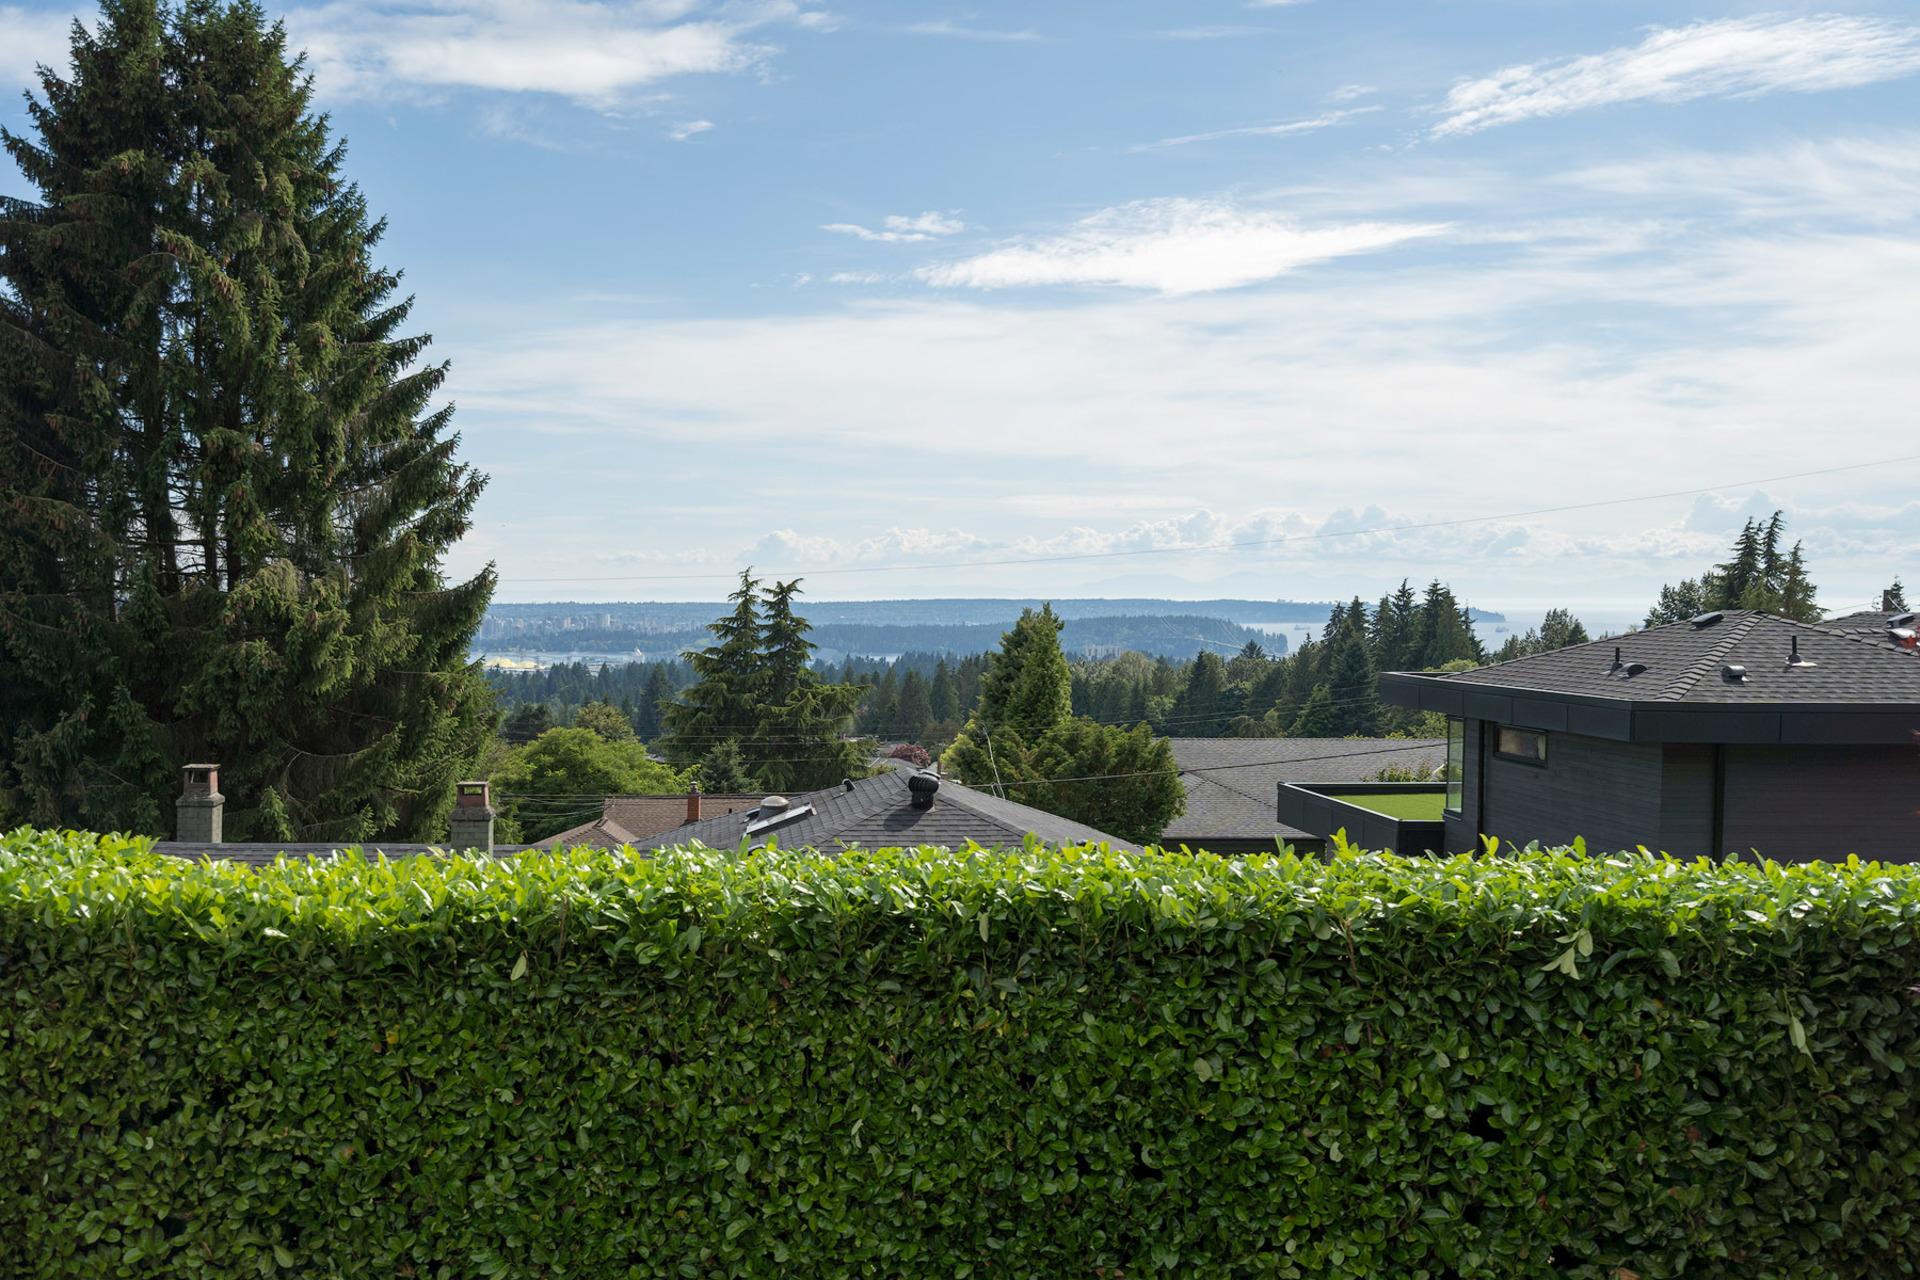 501-seville-crescent-360hometours-24s at 501 Saville Crescent, Upper Delbrook, North Vancouver